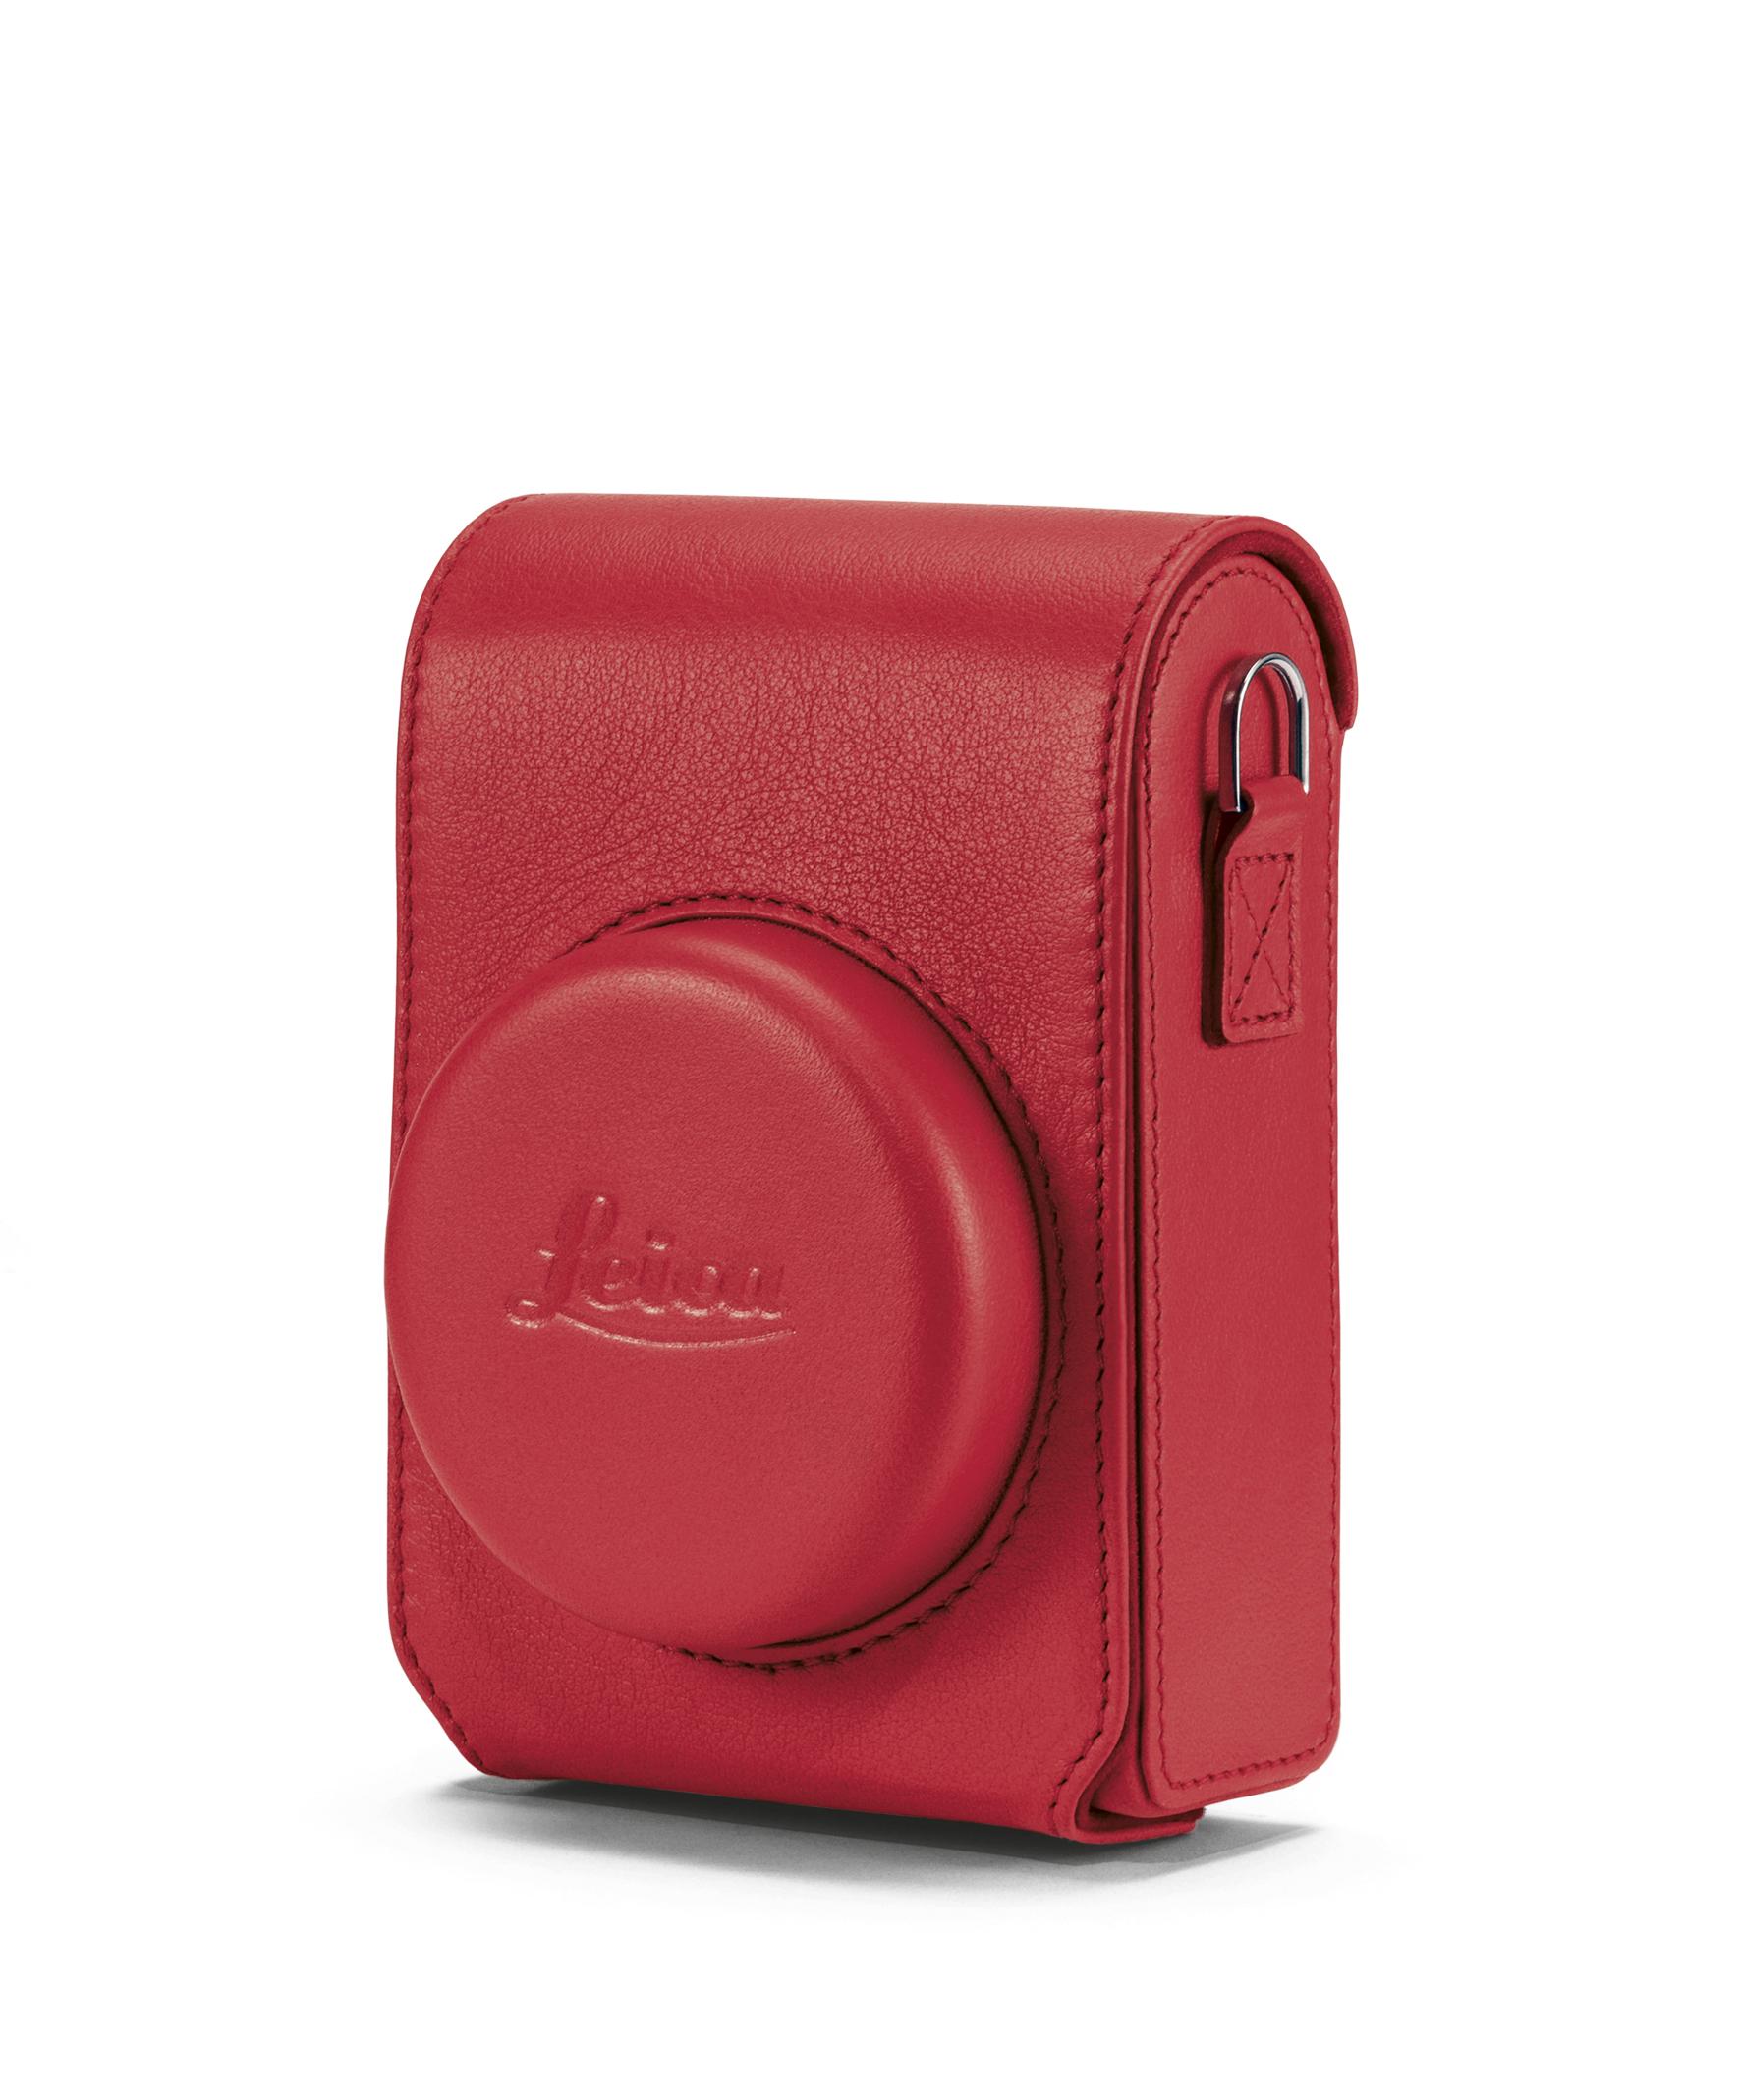 Leica Tasche C-LUX Rot